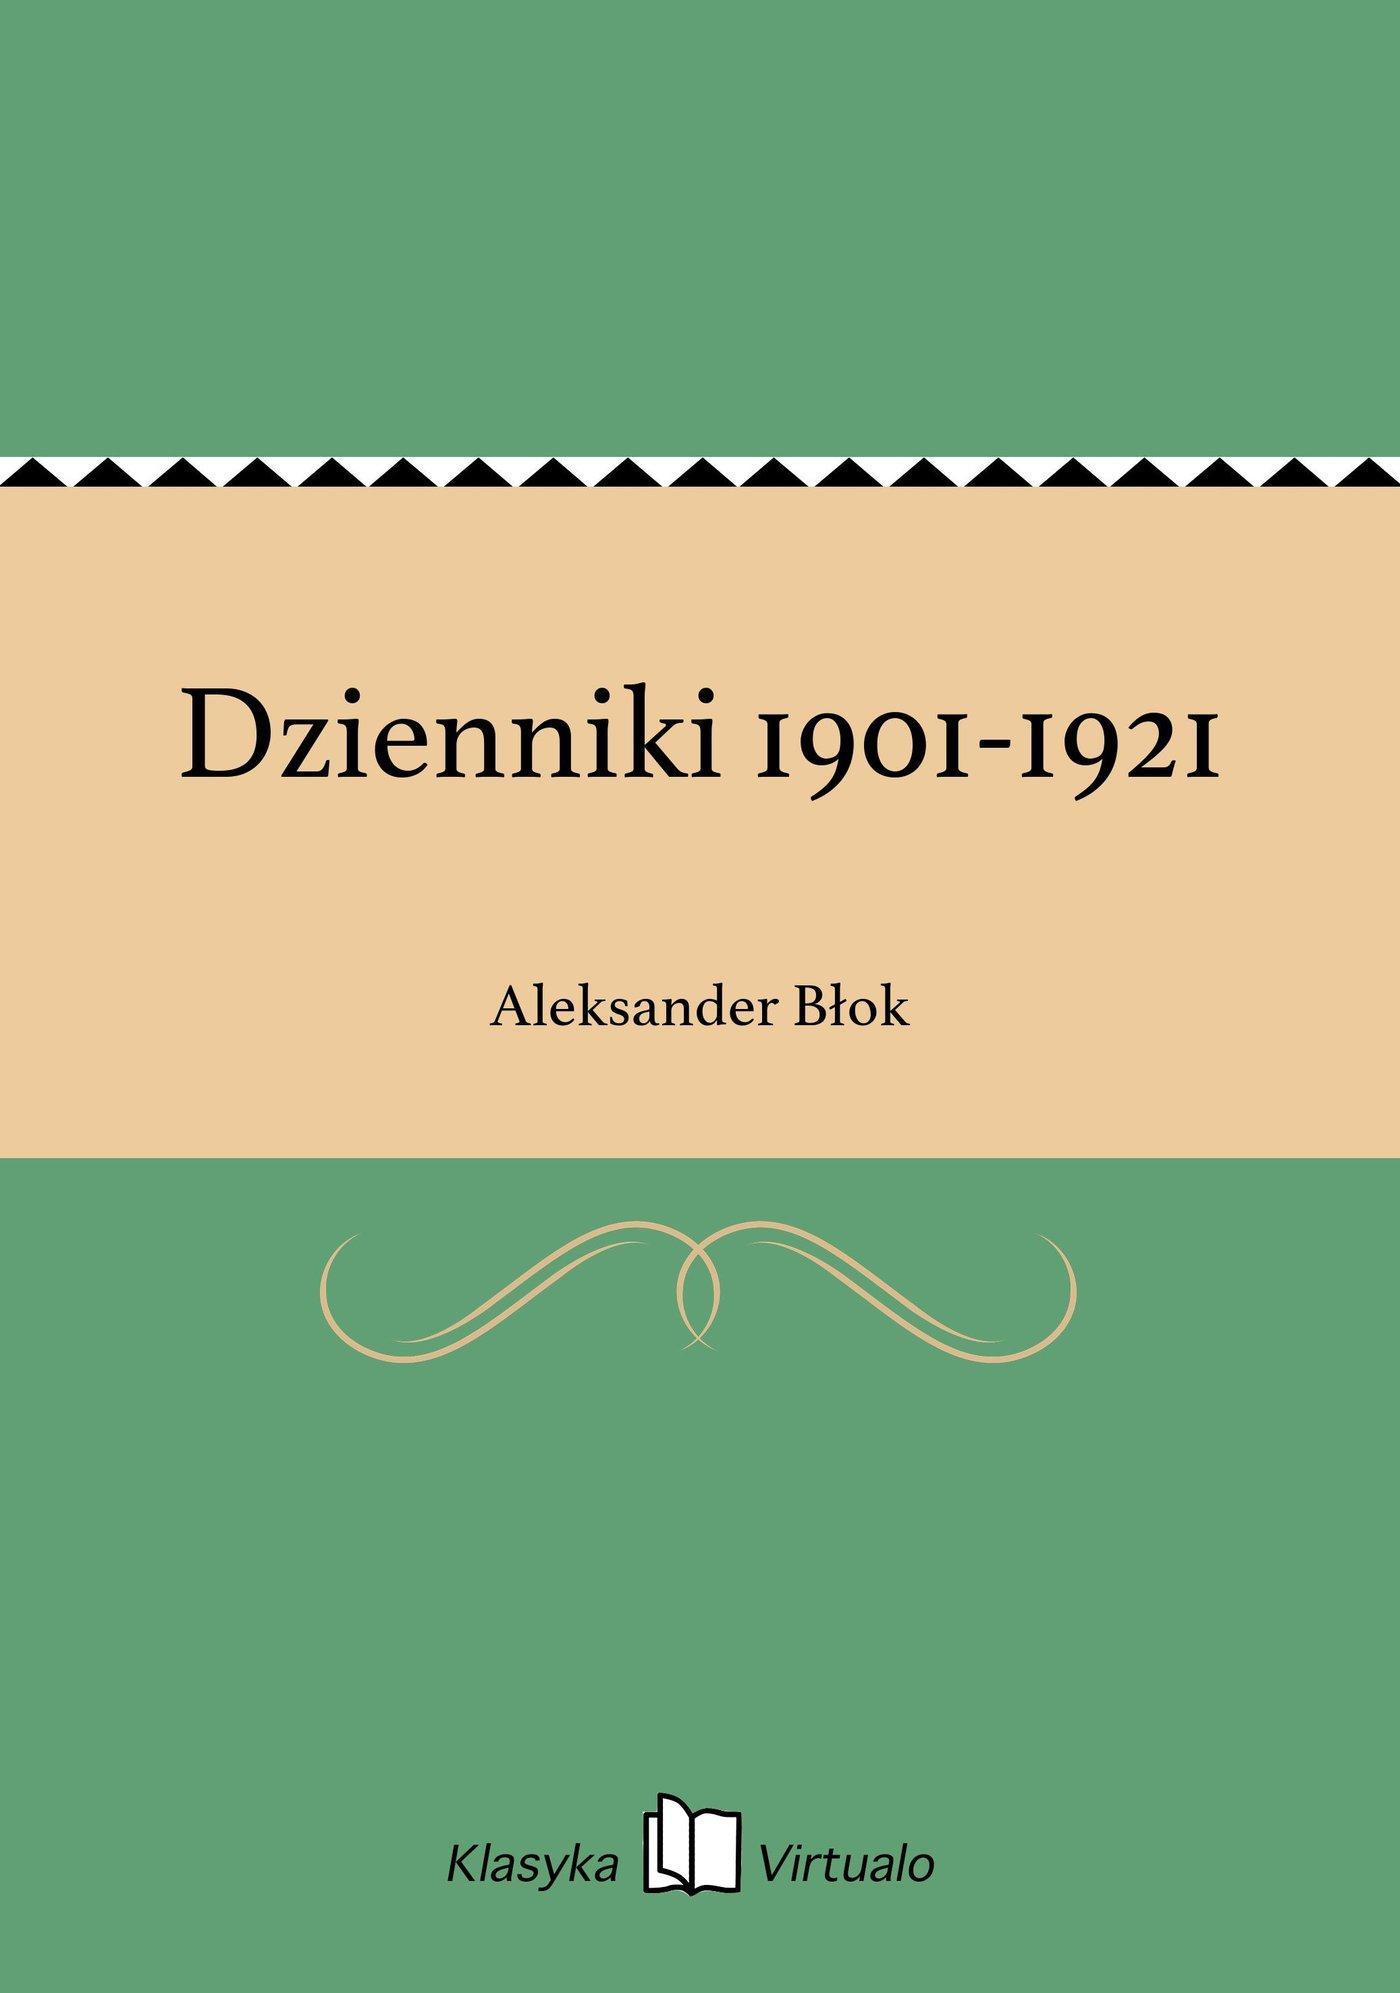 Dzienniki 1901-1921 - Ebook (Książka na Kindle) do pobrania w formacie MOBI